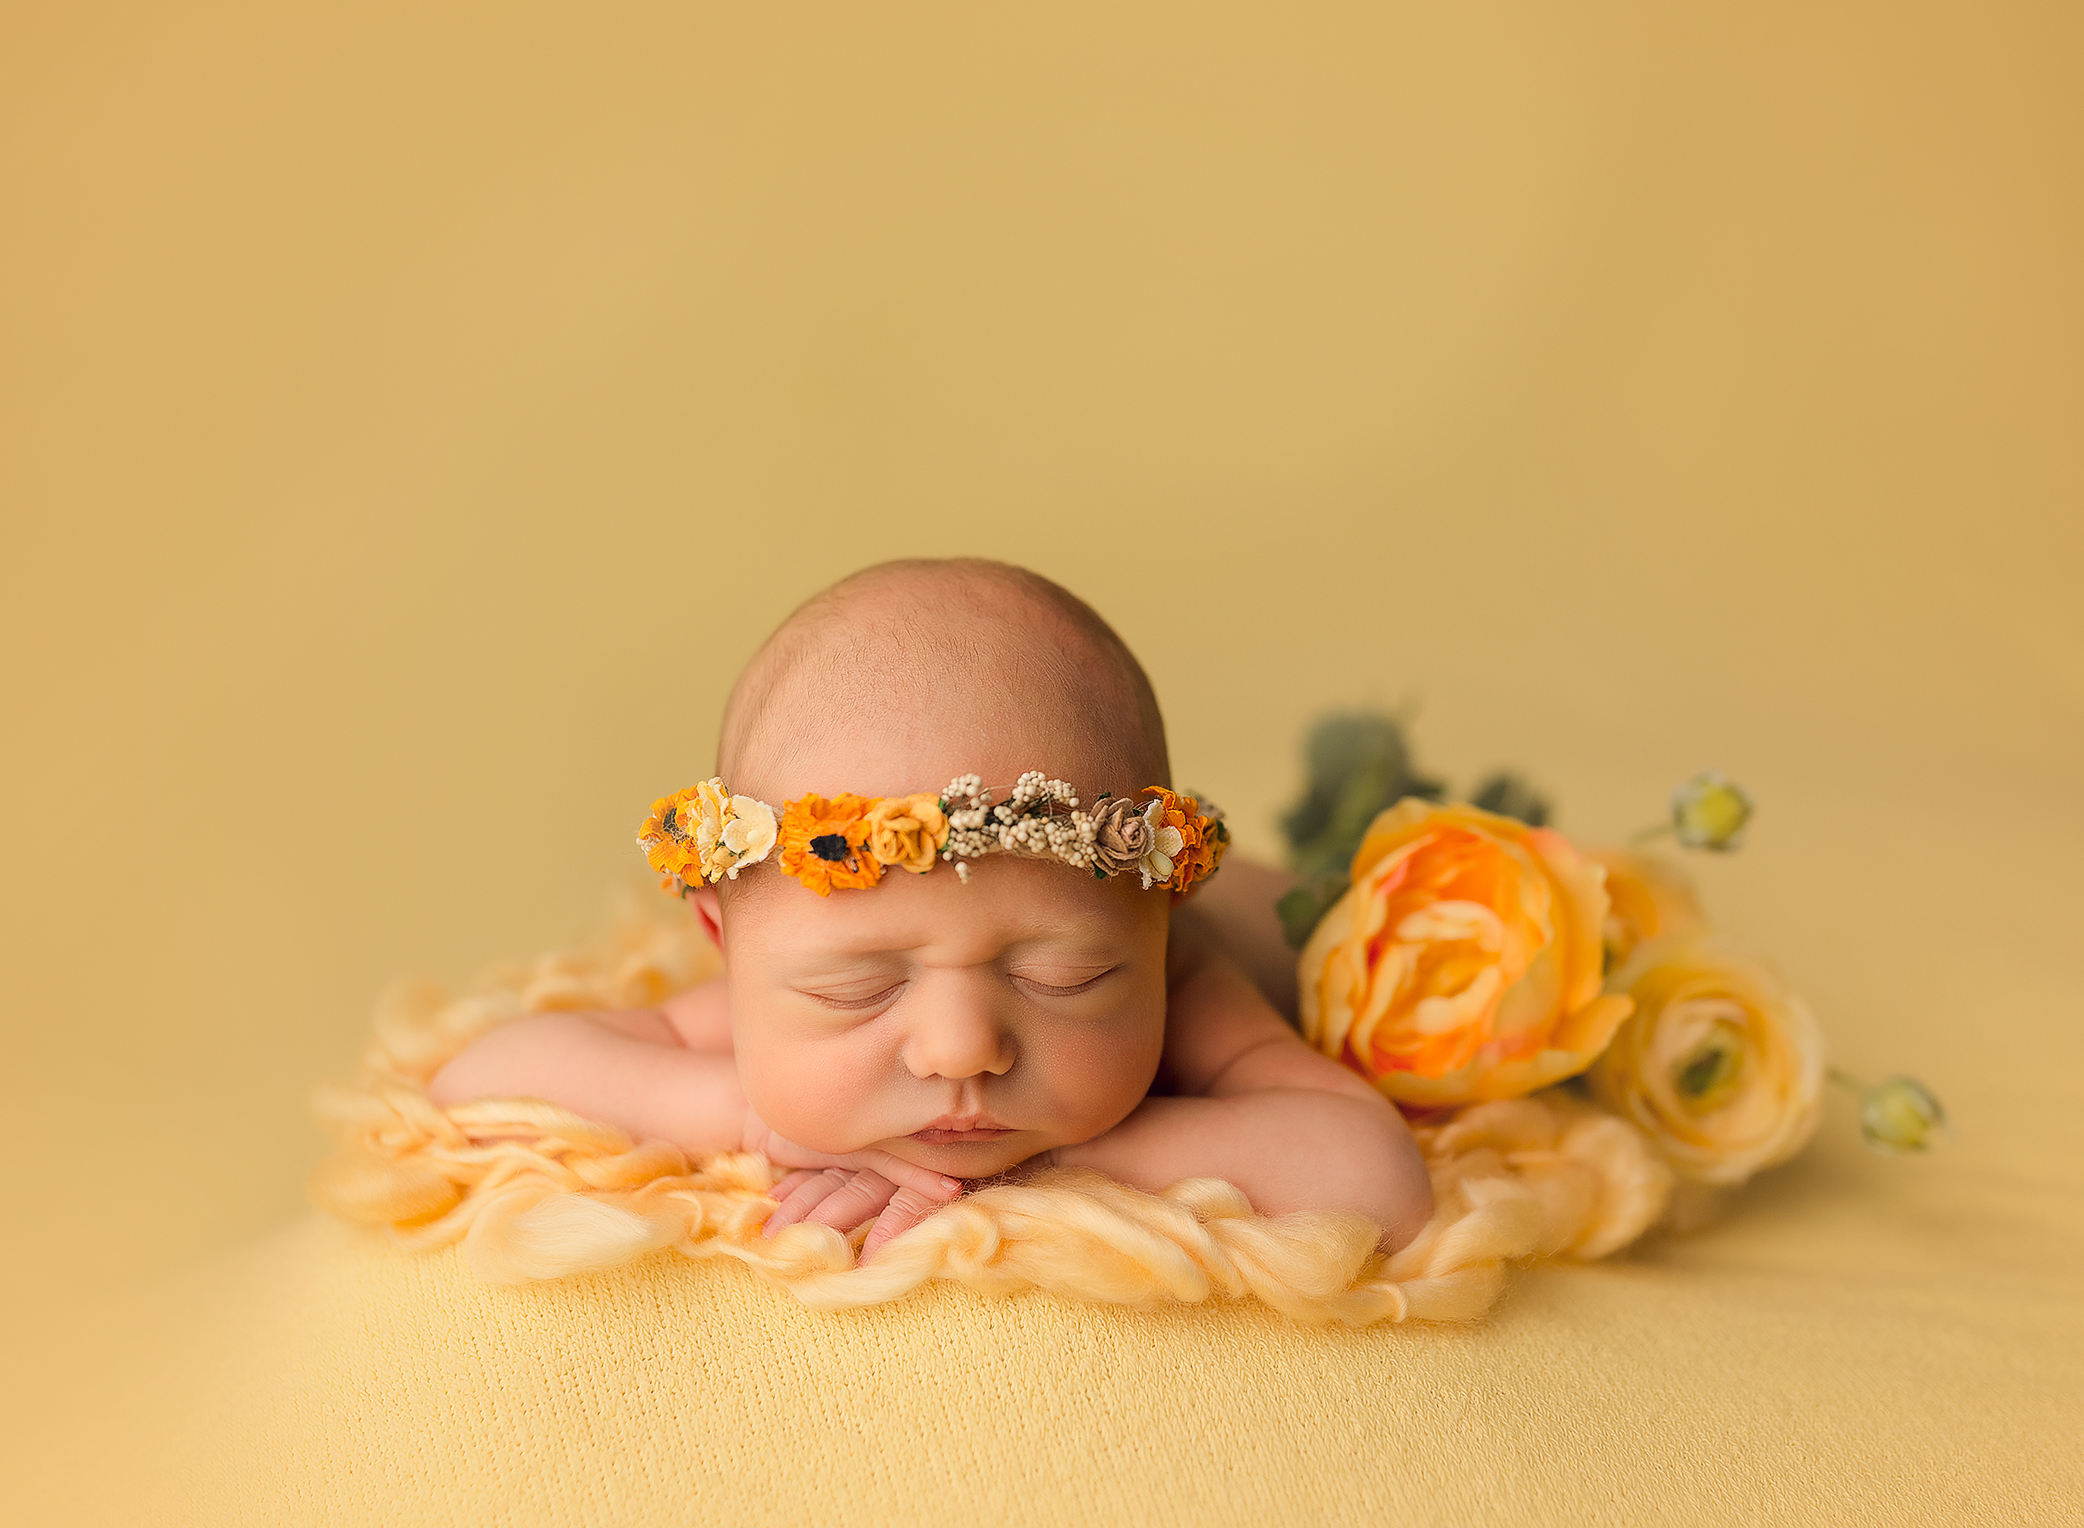 newborn baby photography girl yellow